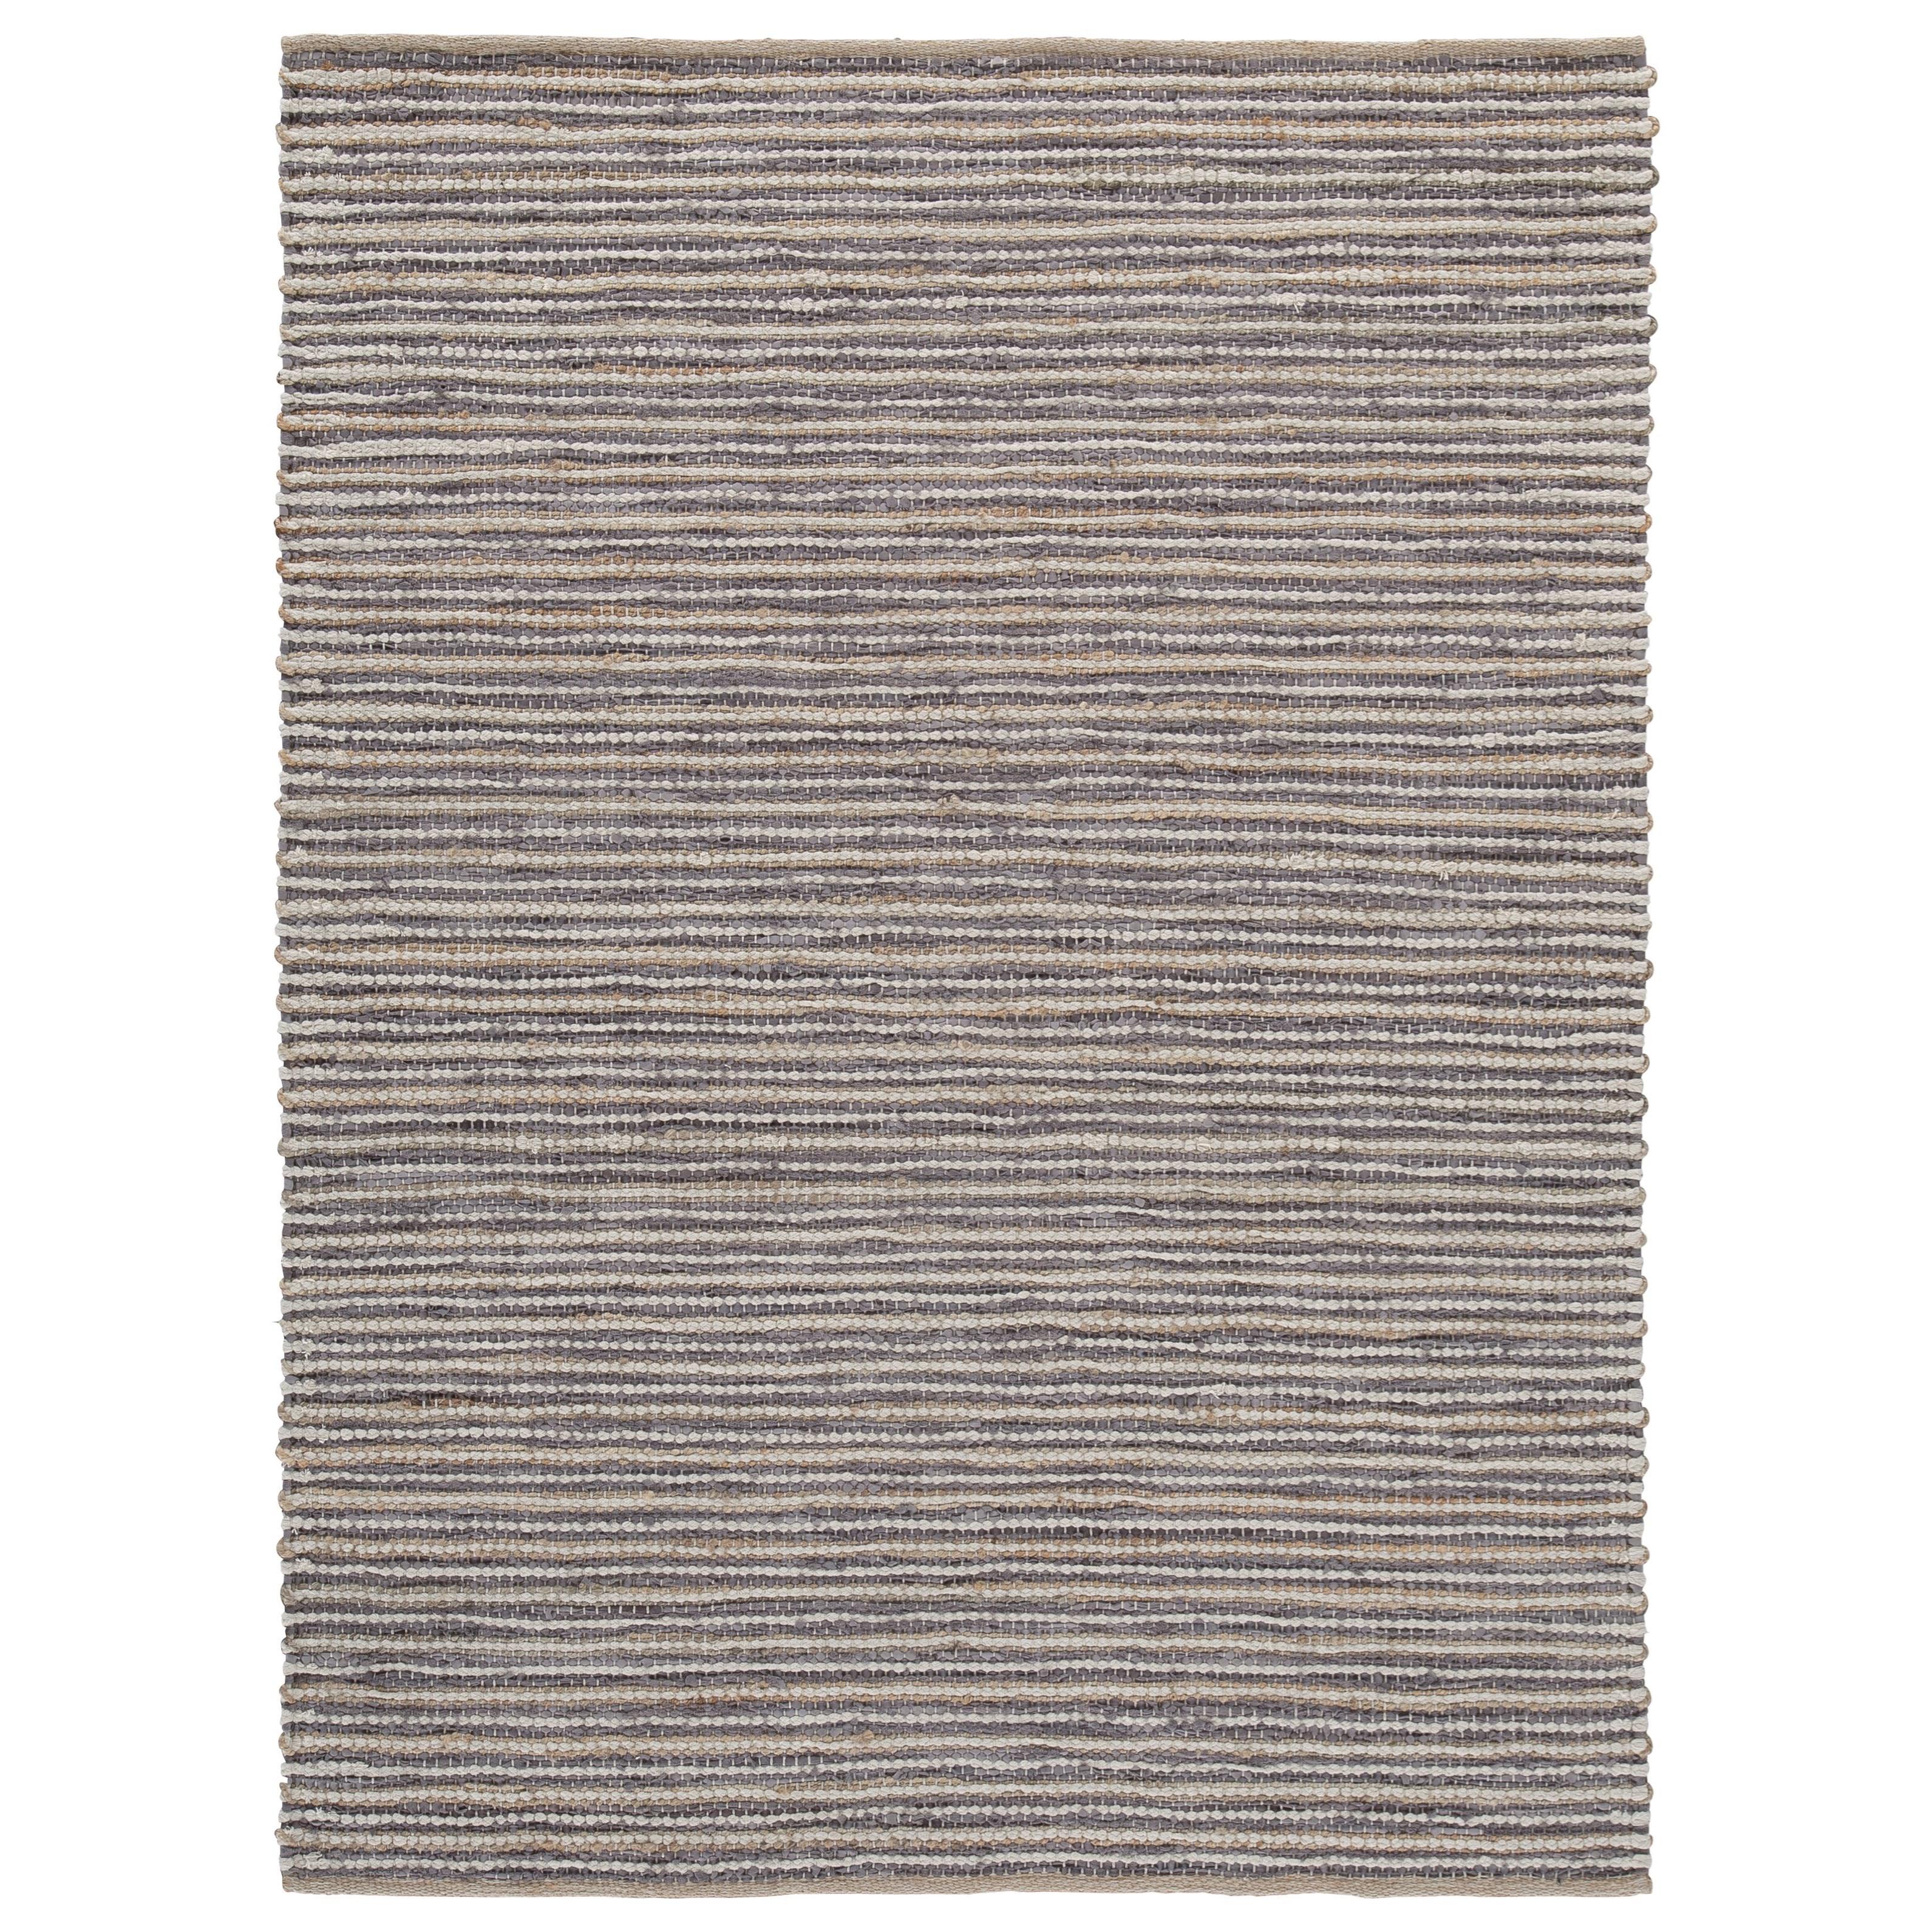 Kallita Natural/Gray Large Rug